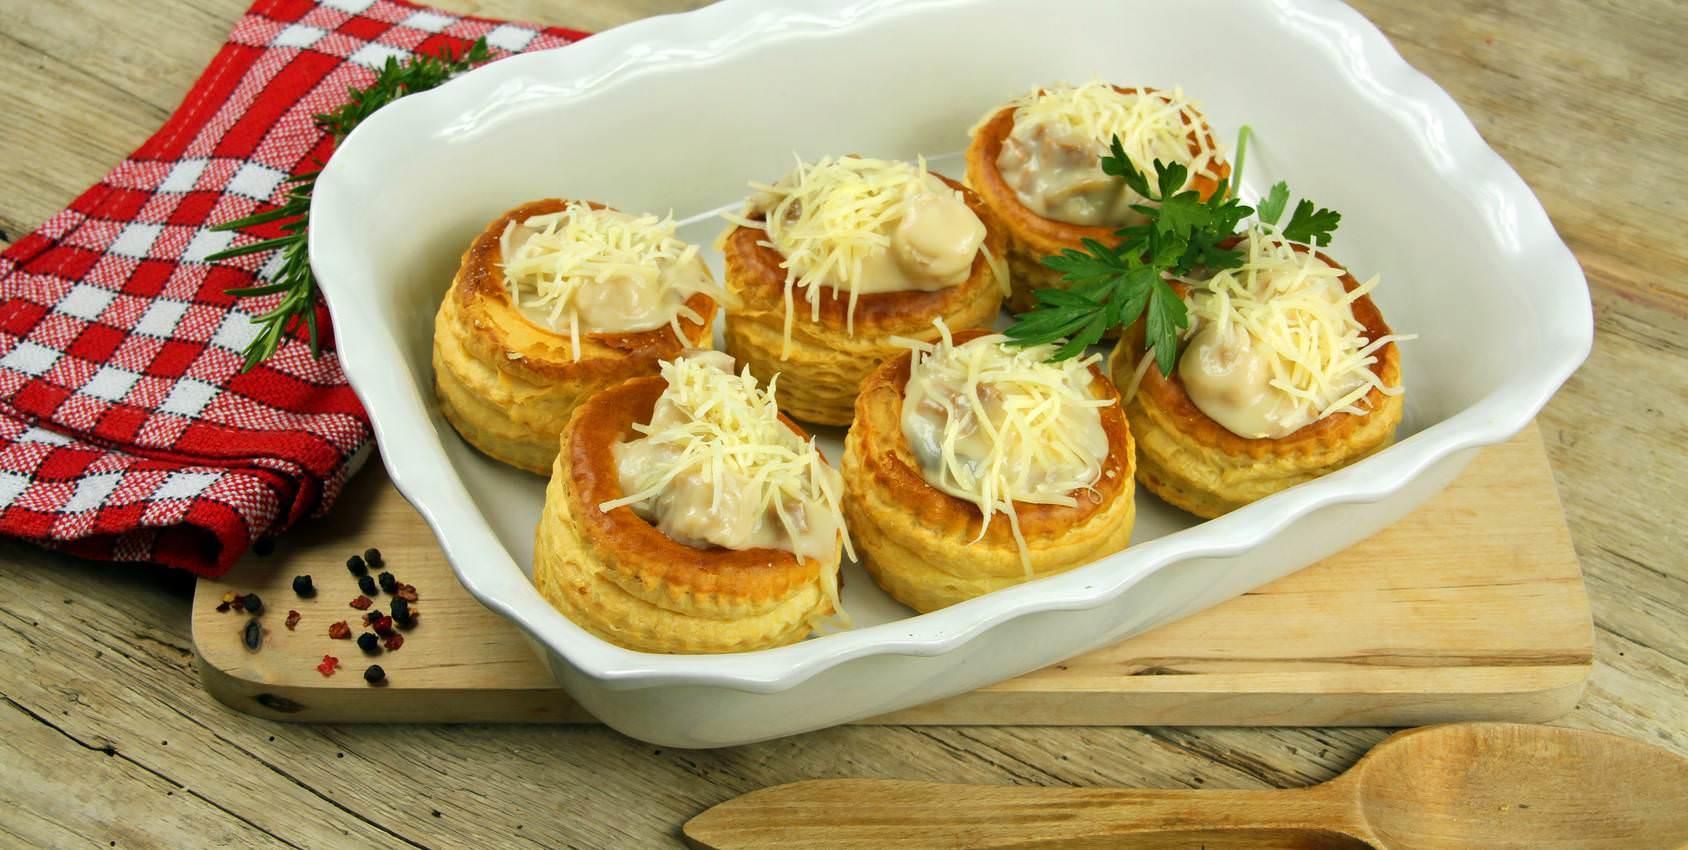 Bouch es la reine un grand classique de la cuisine - Les grands classiques de la cuisine francaise ...